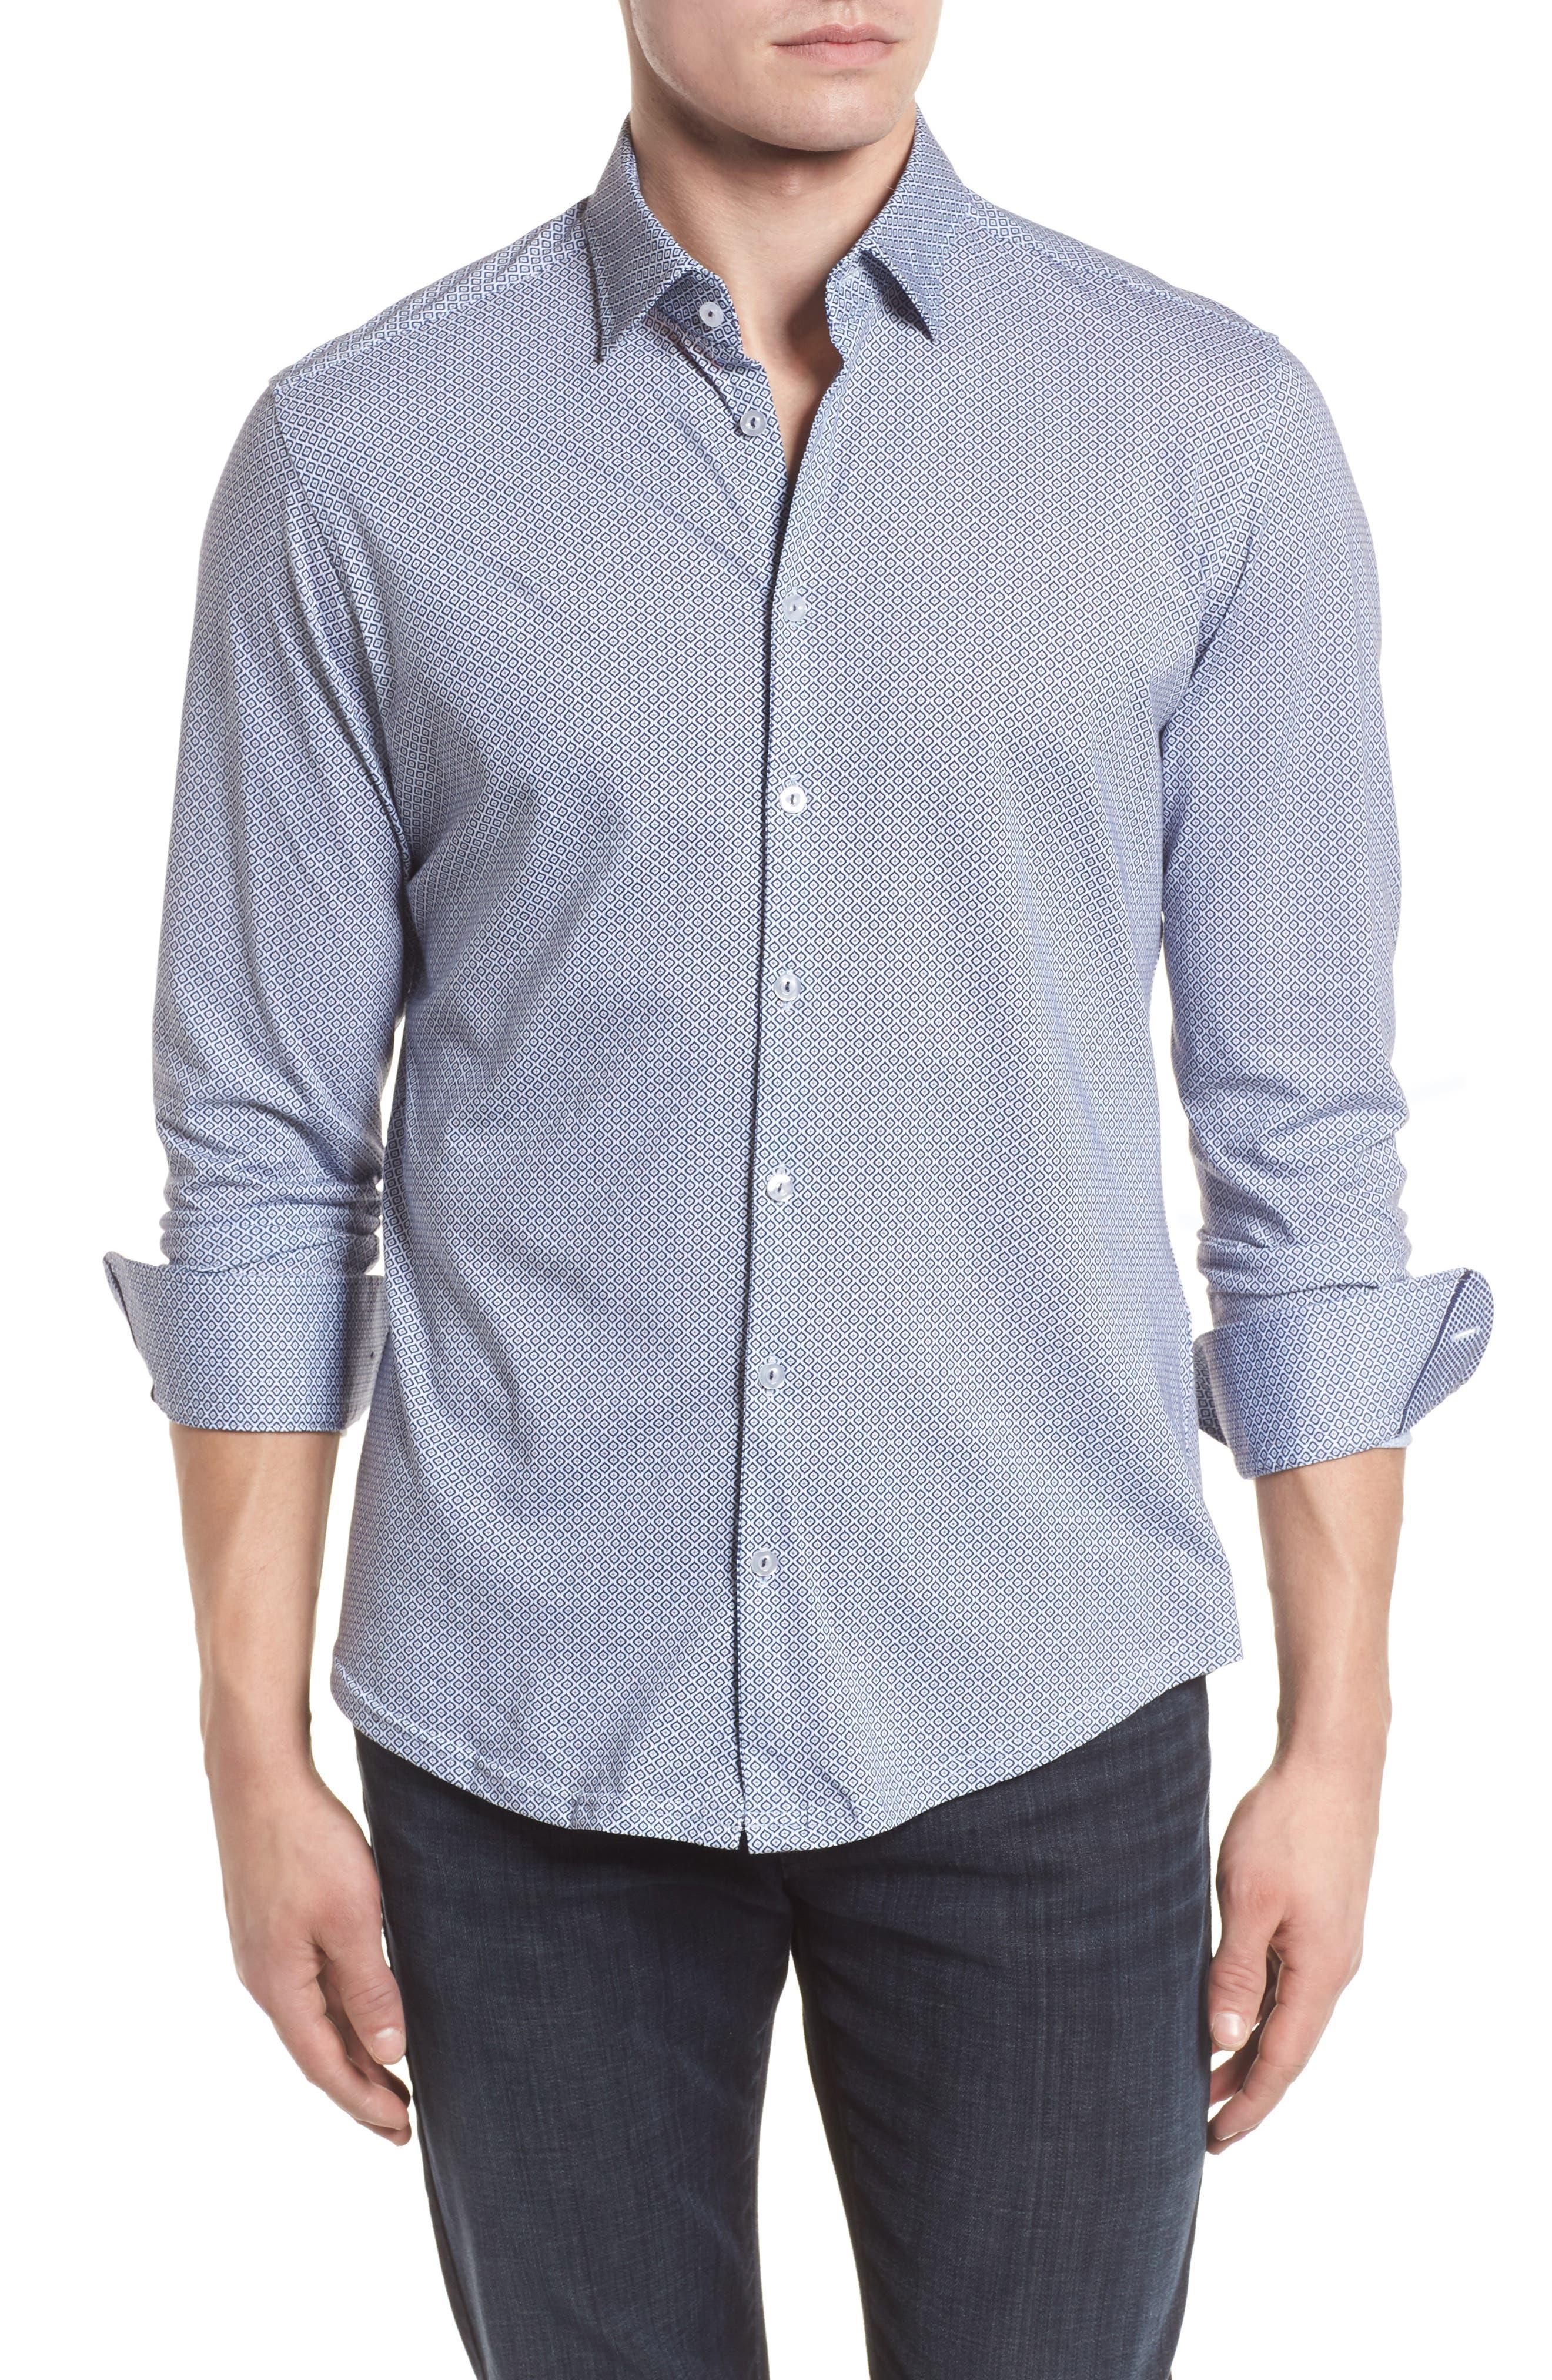 Diamond Print Knit Sport Shirt,                             Main thumbnail 1, color,                             White